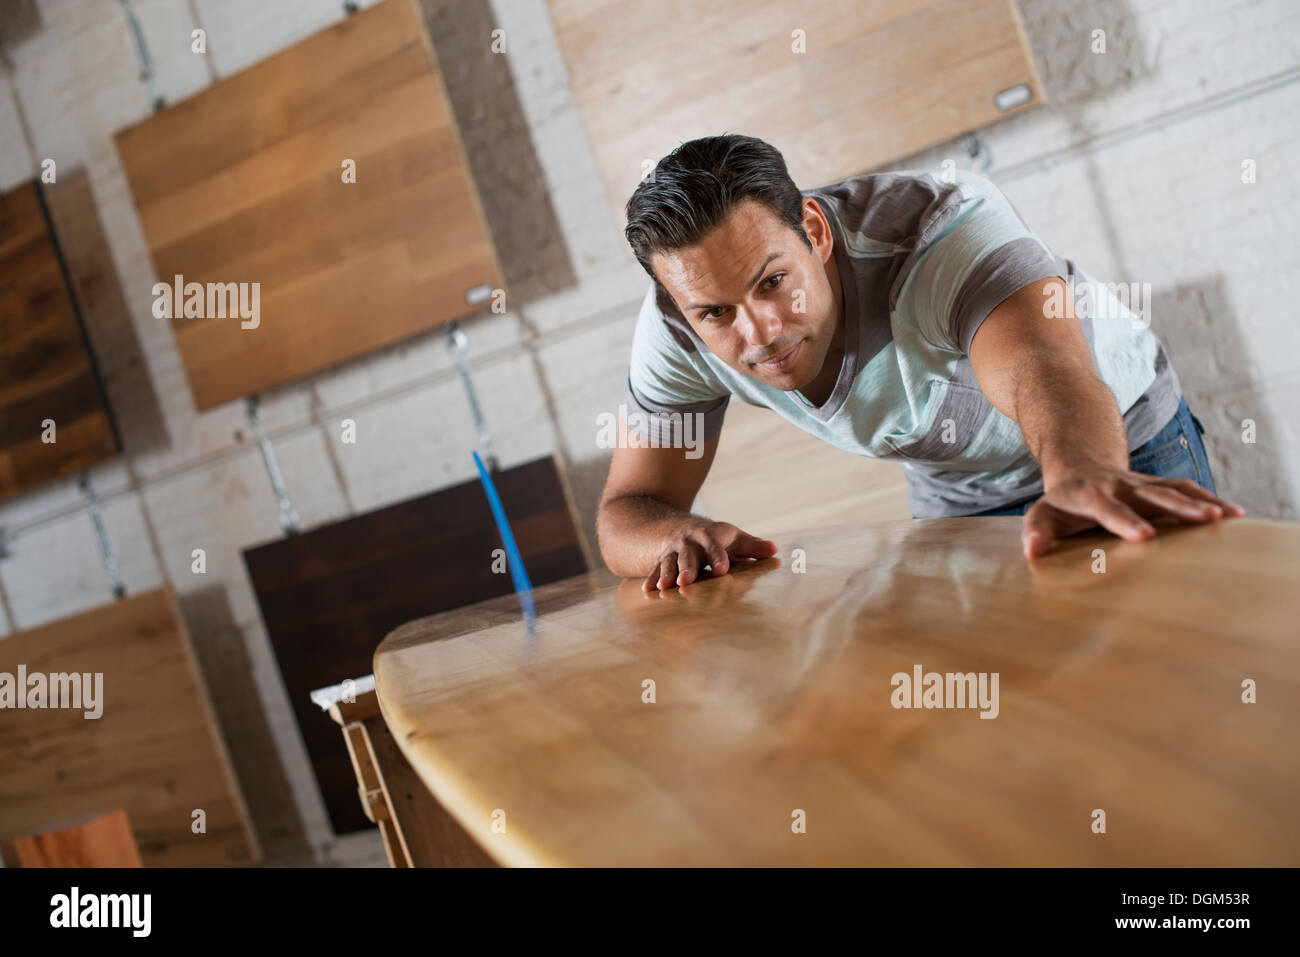 Un hombre joven en un taller con stock de maderas recicladas y regeneradas. Imagen De Stock